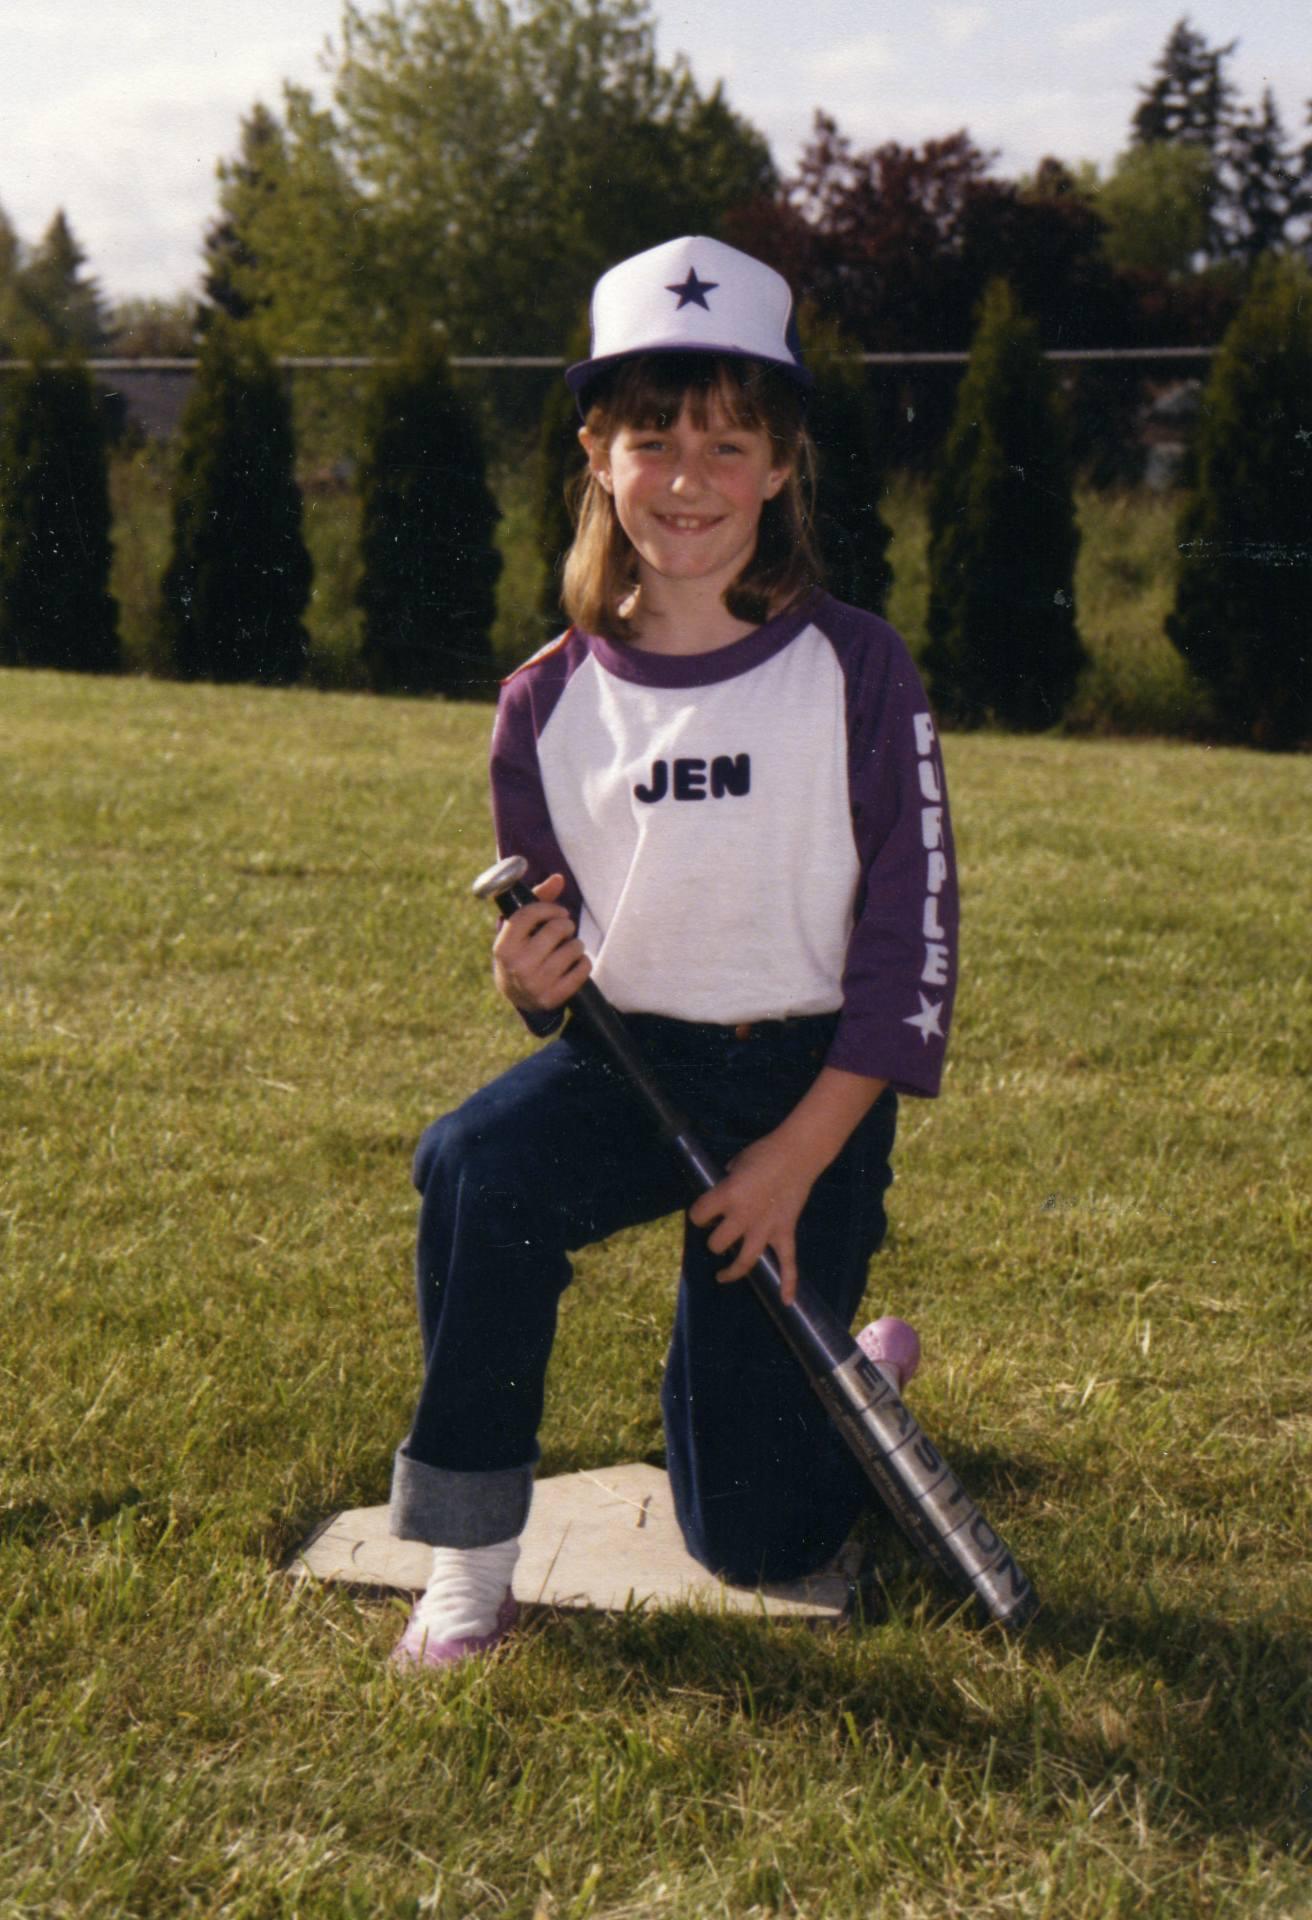 Little Jen in t-ball uniform.